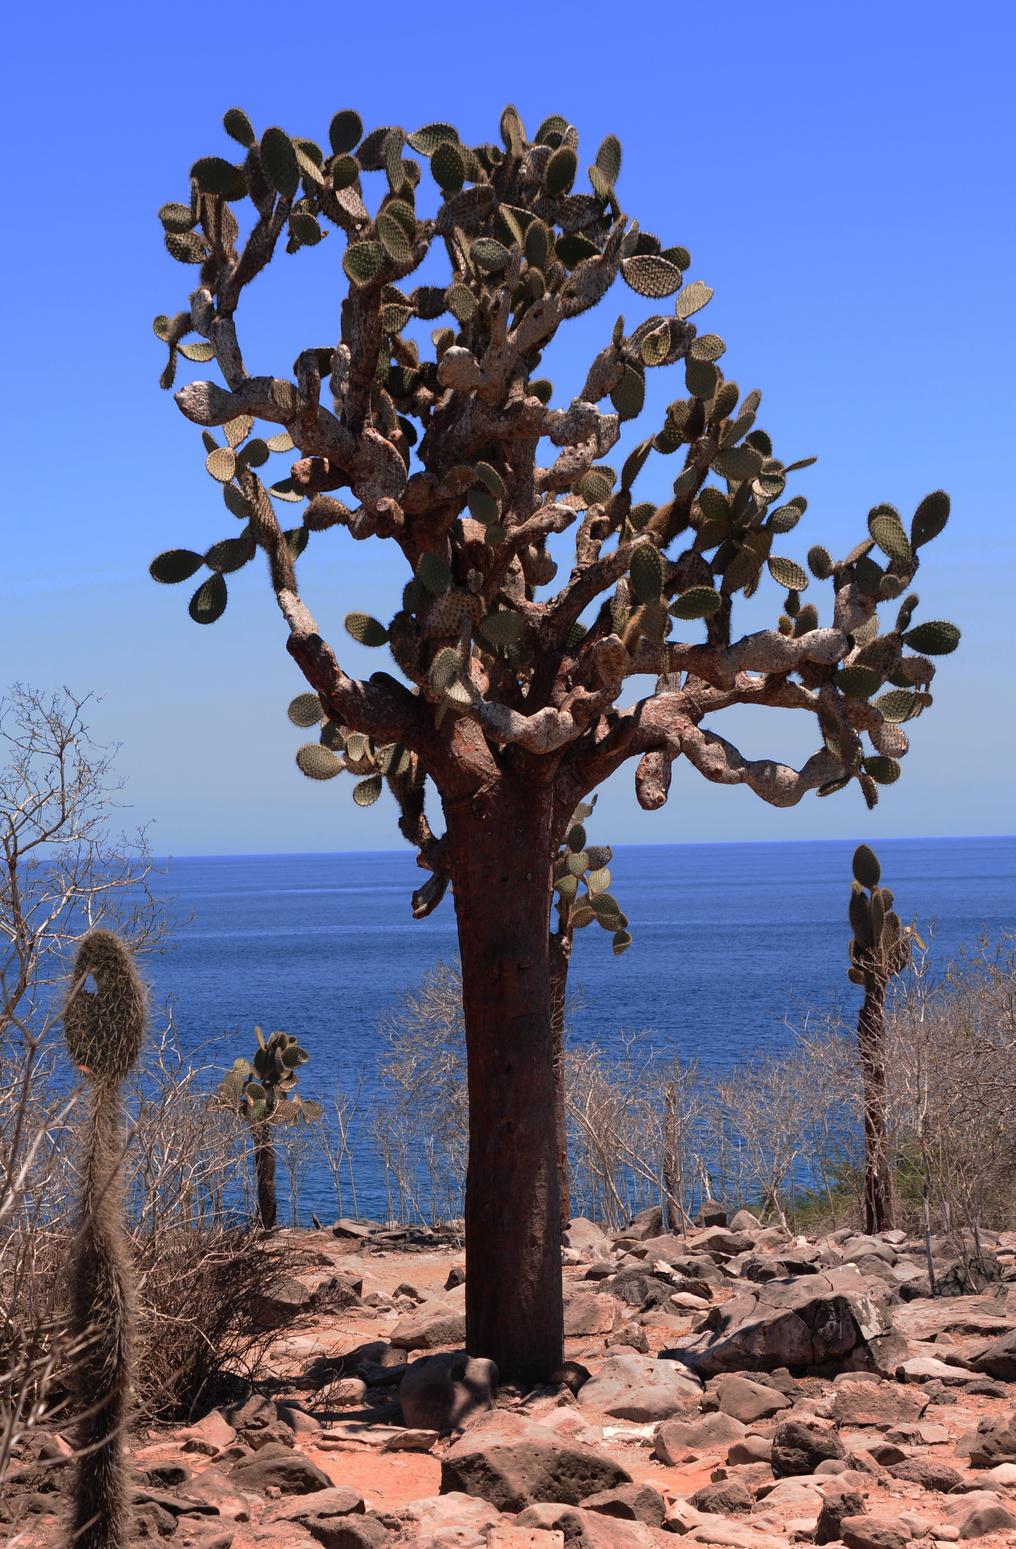 Kaktuszfa az ember által lakatlan Santa Fé-szigeten, a Galápagos-szigetvilágban.(Fotó: AFP)